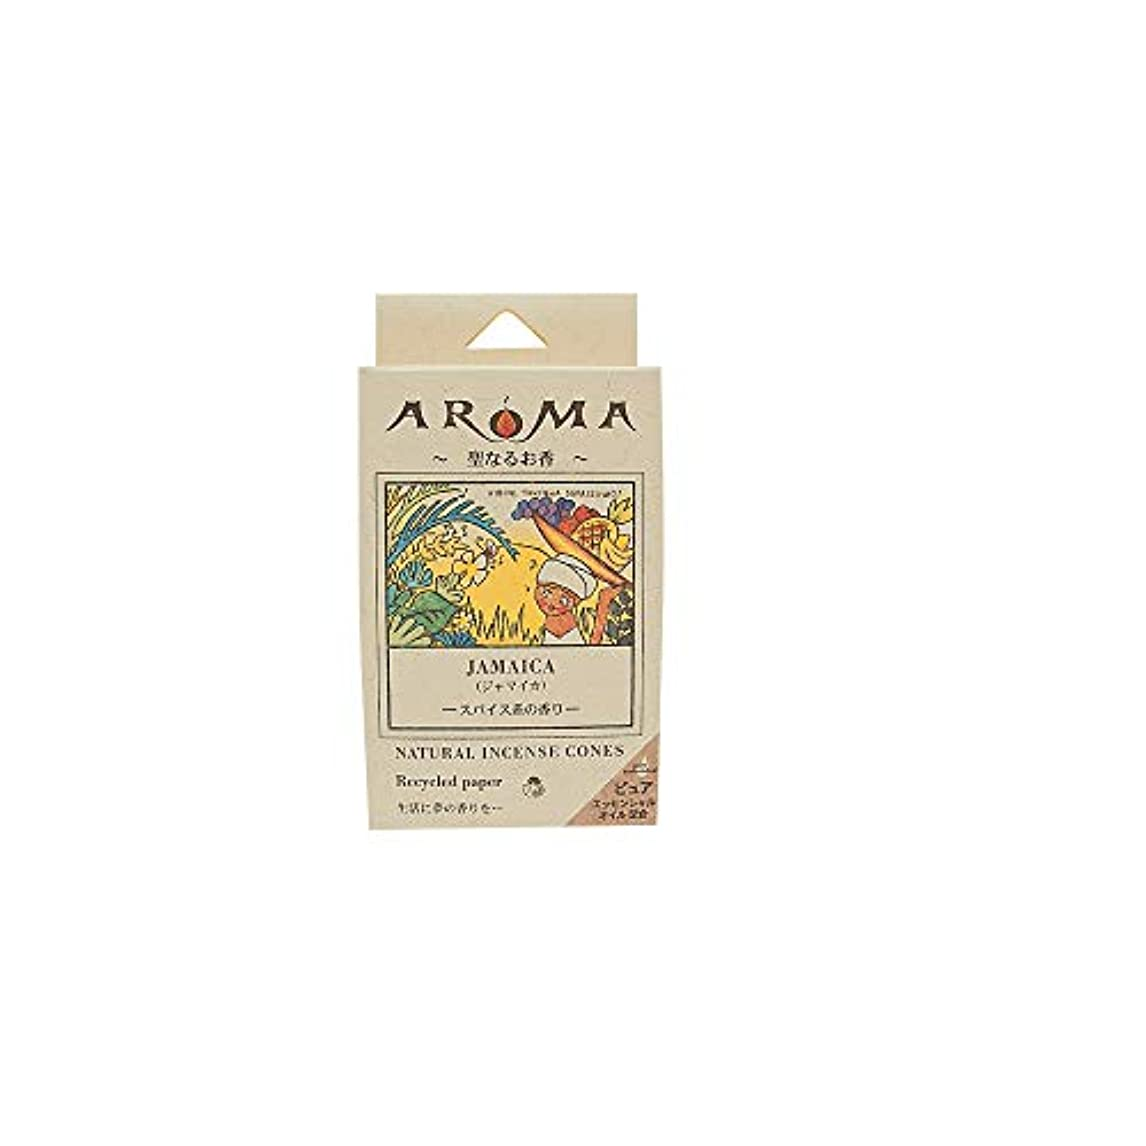 ラフト中でテザーアロマ香 ジャマイカ 16粒(コーンタイプインセンス 1粒の燃焼時間約20分 スパイス系の香り)